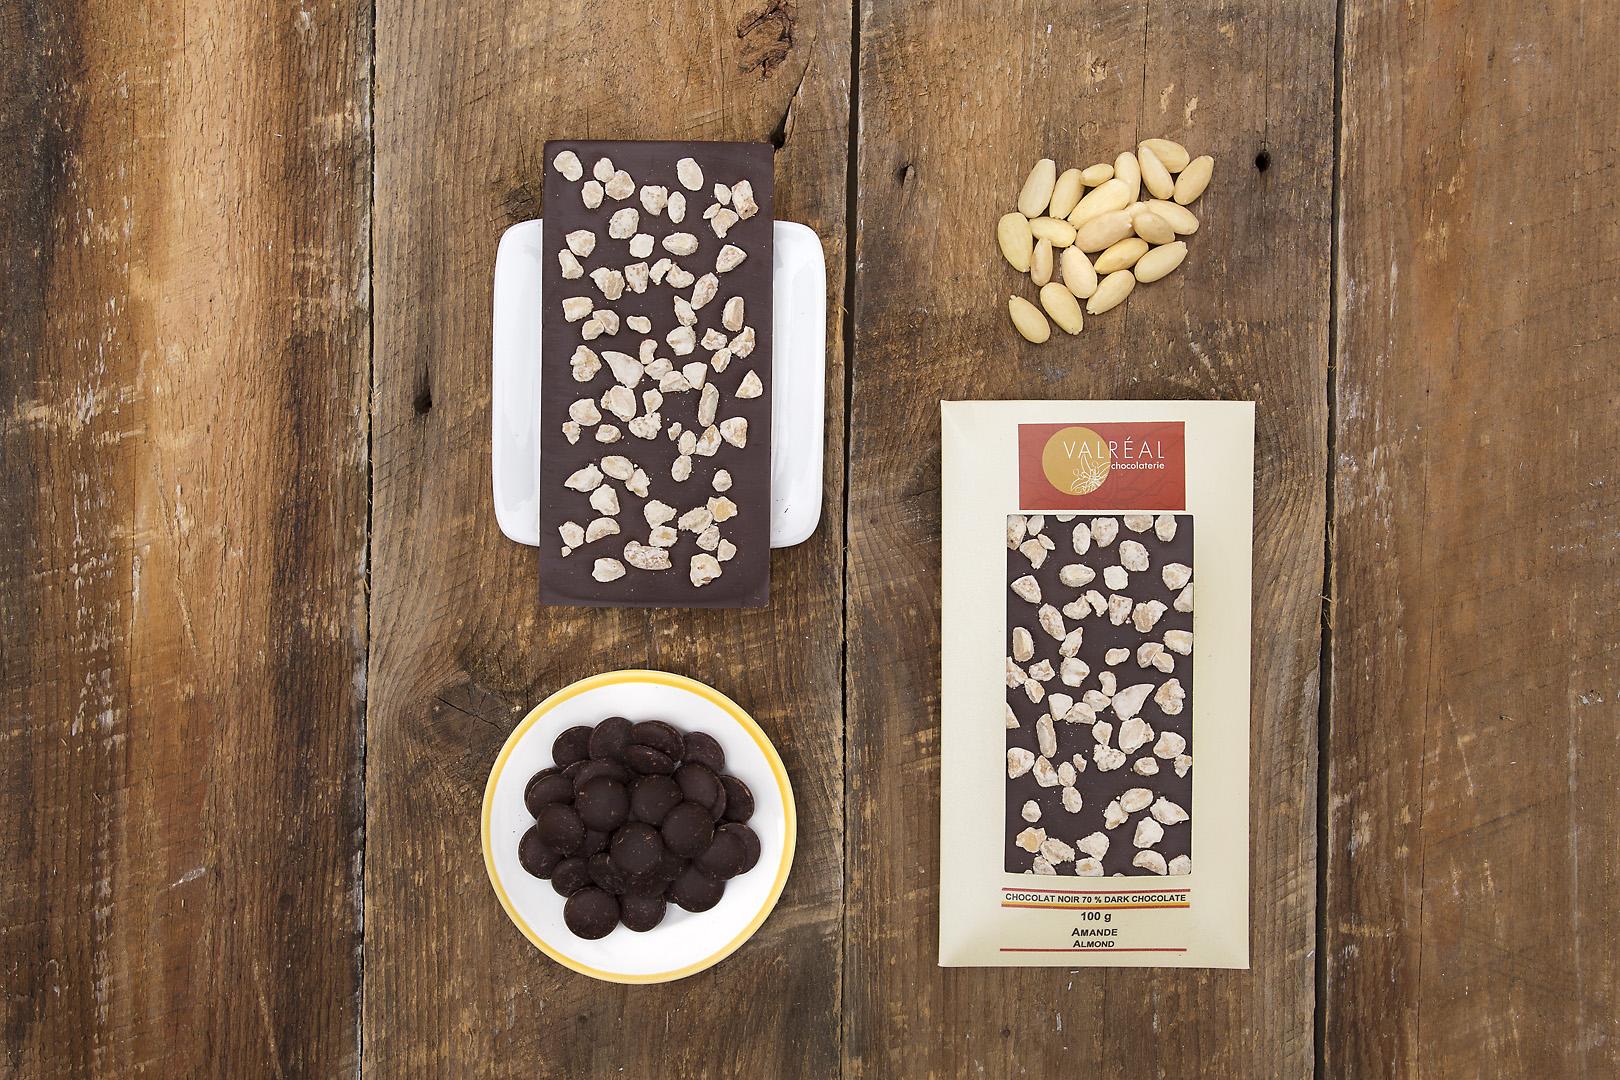 photographe-chocolat-produit-the-valreal-tablette-noir-amande